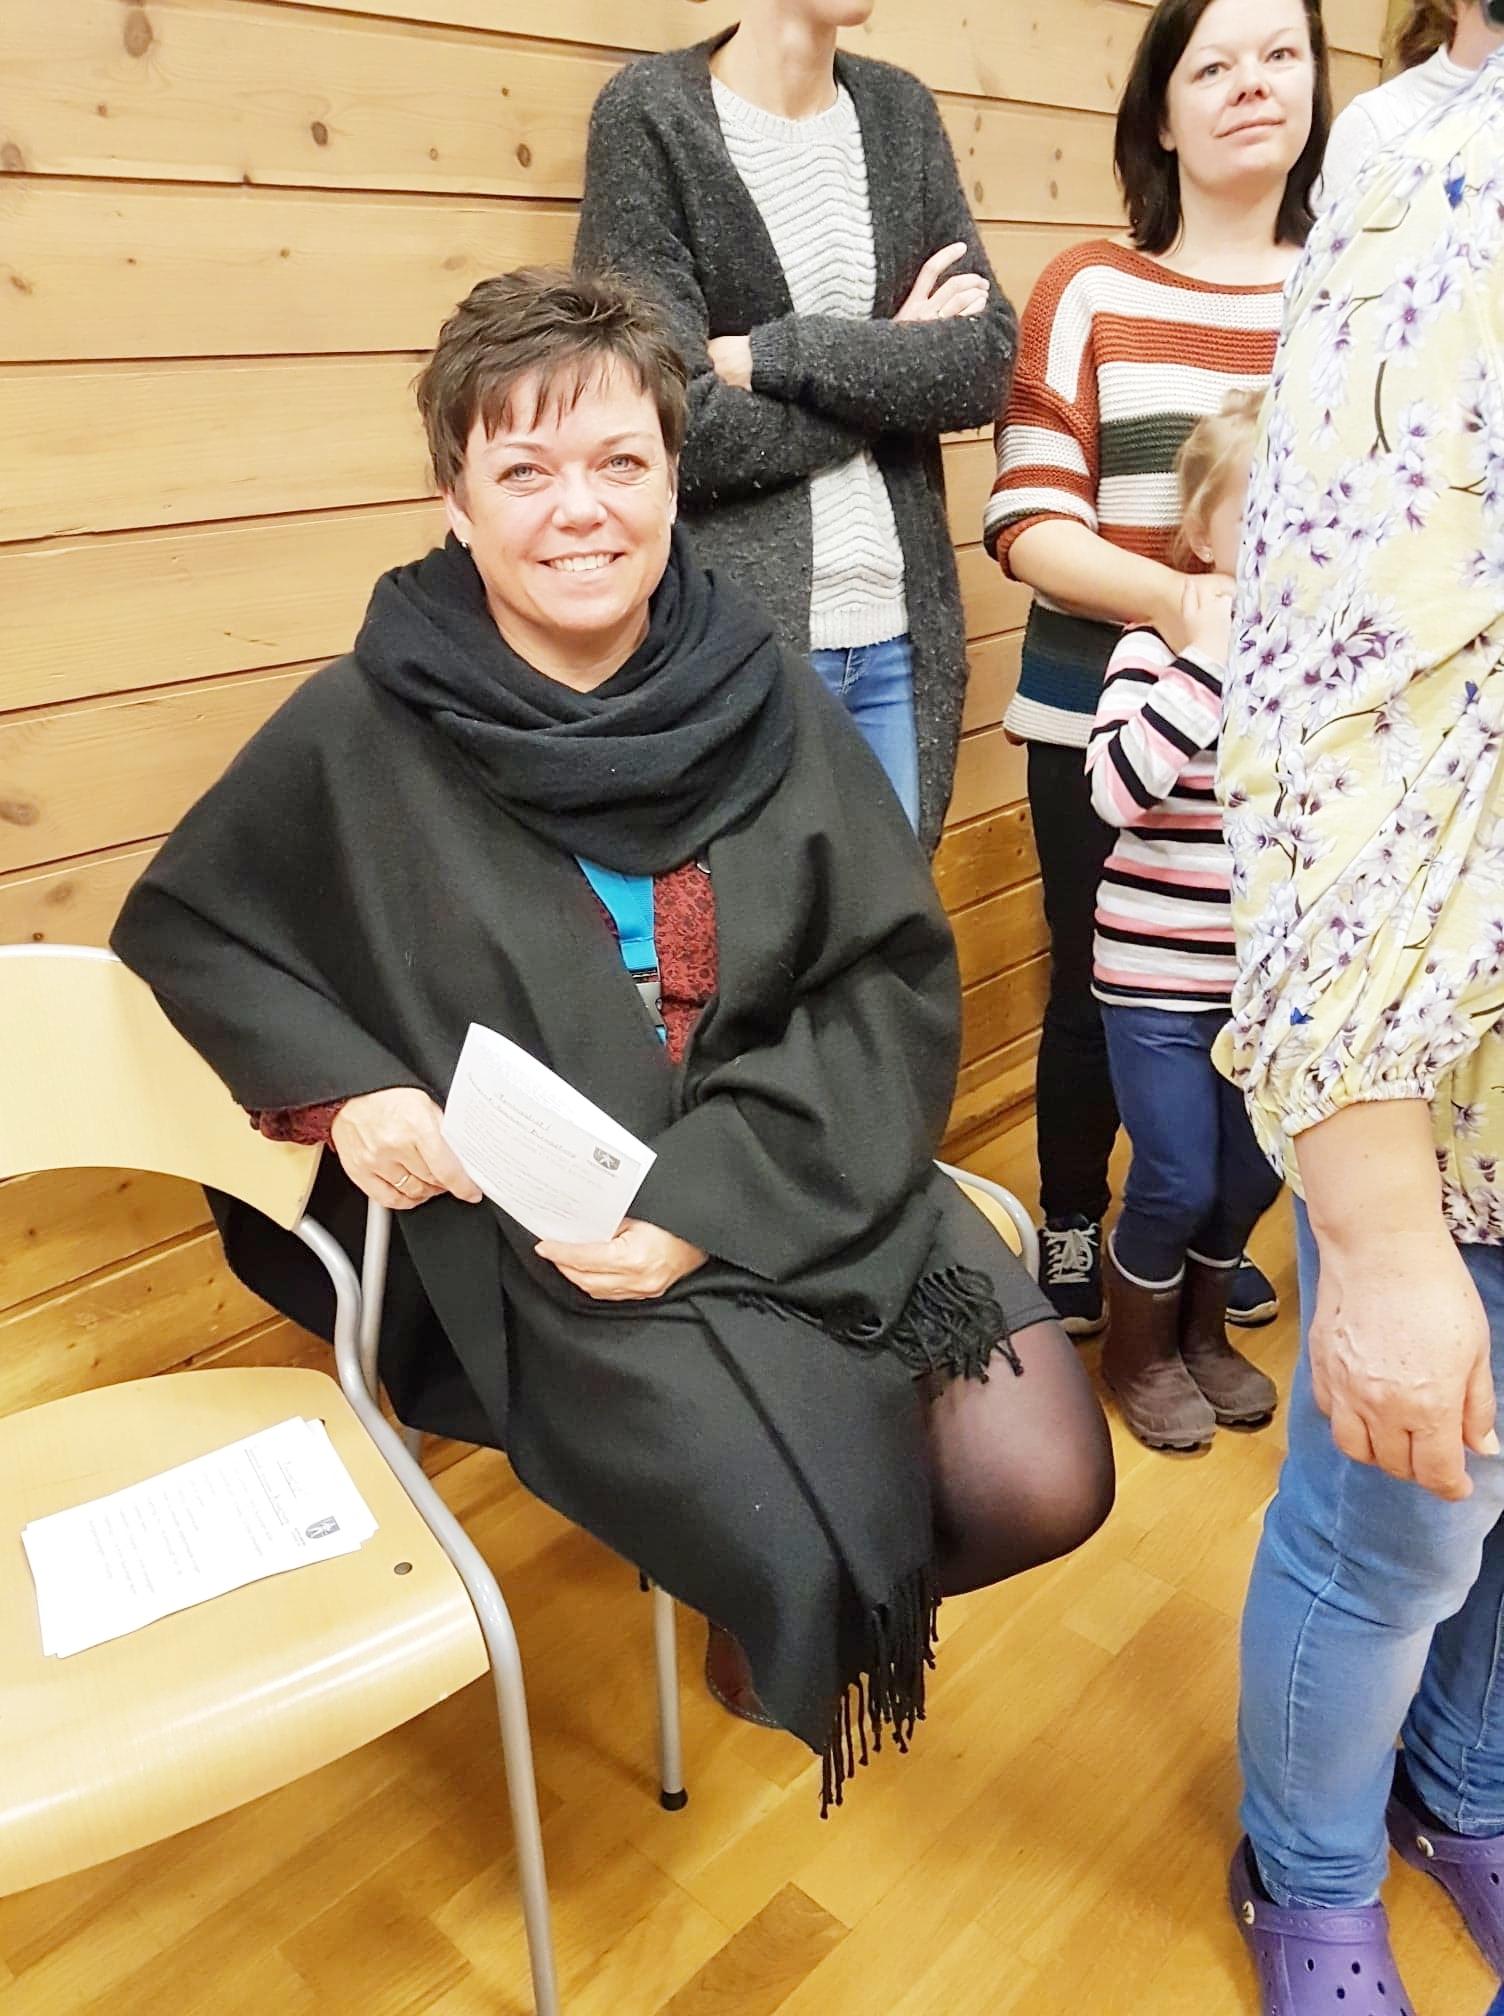 Helle Anina Skou Nygård, Skavangertun Sykehjem